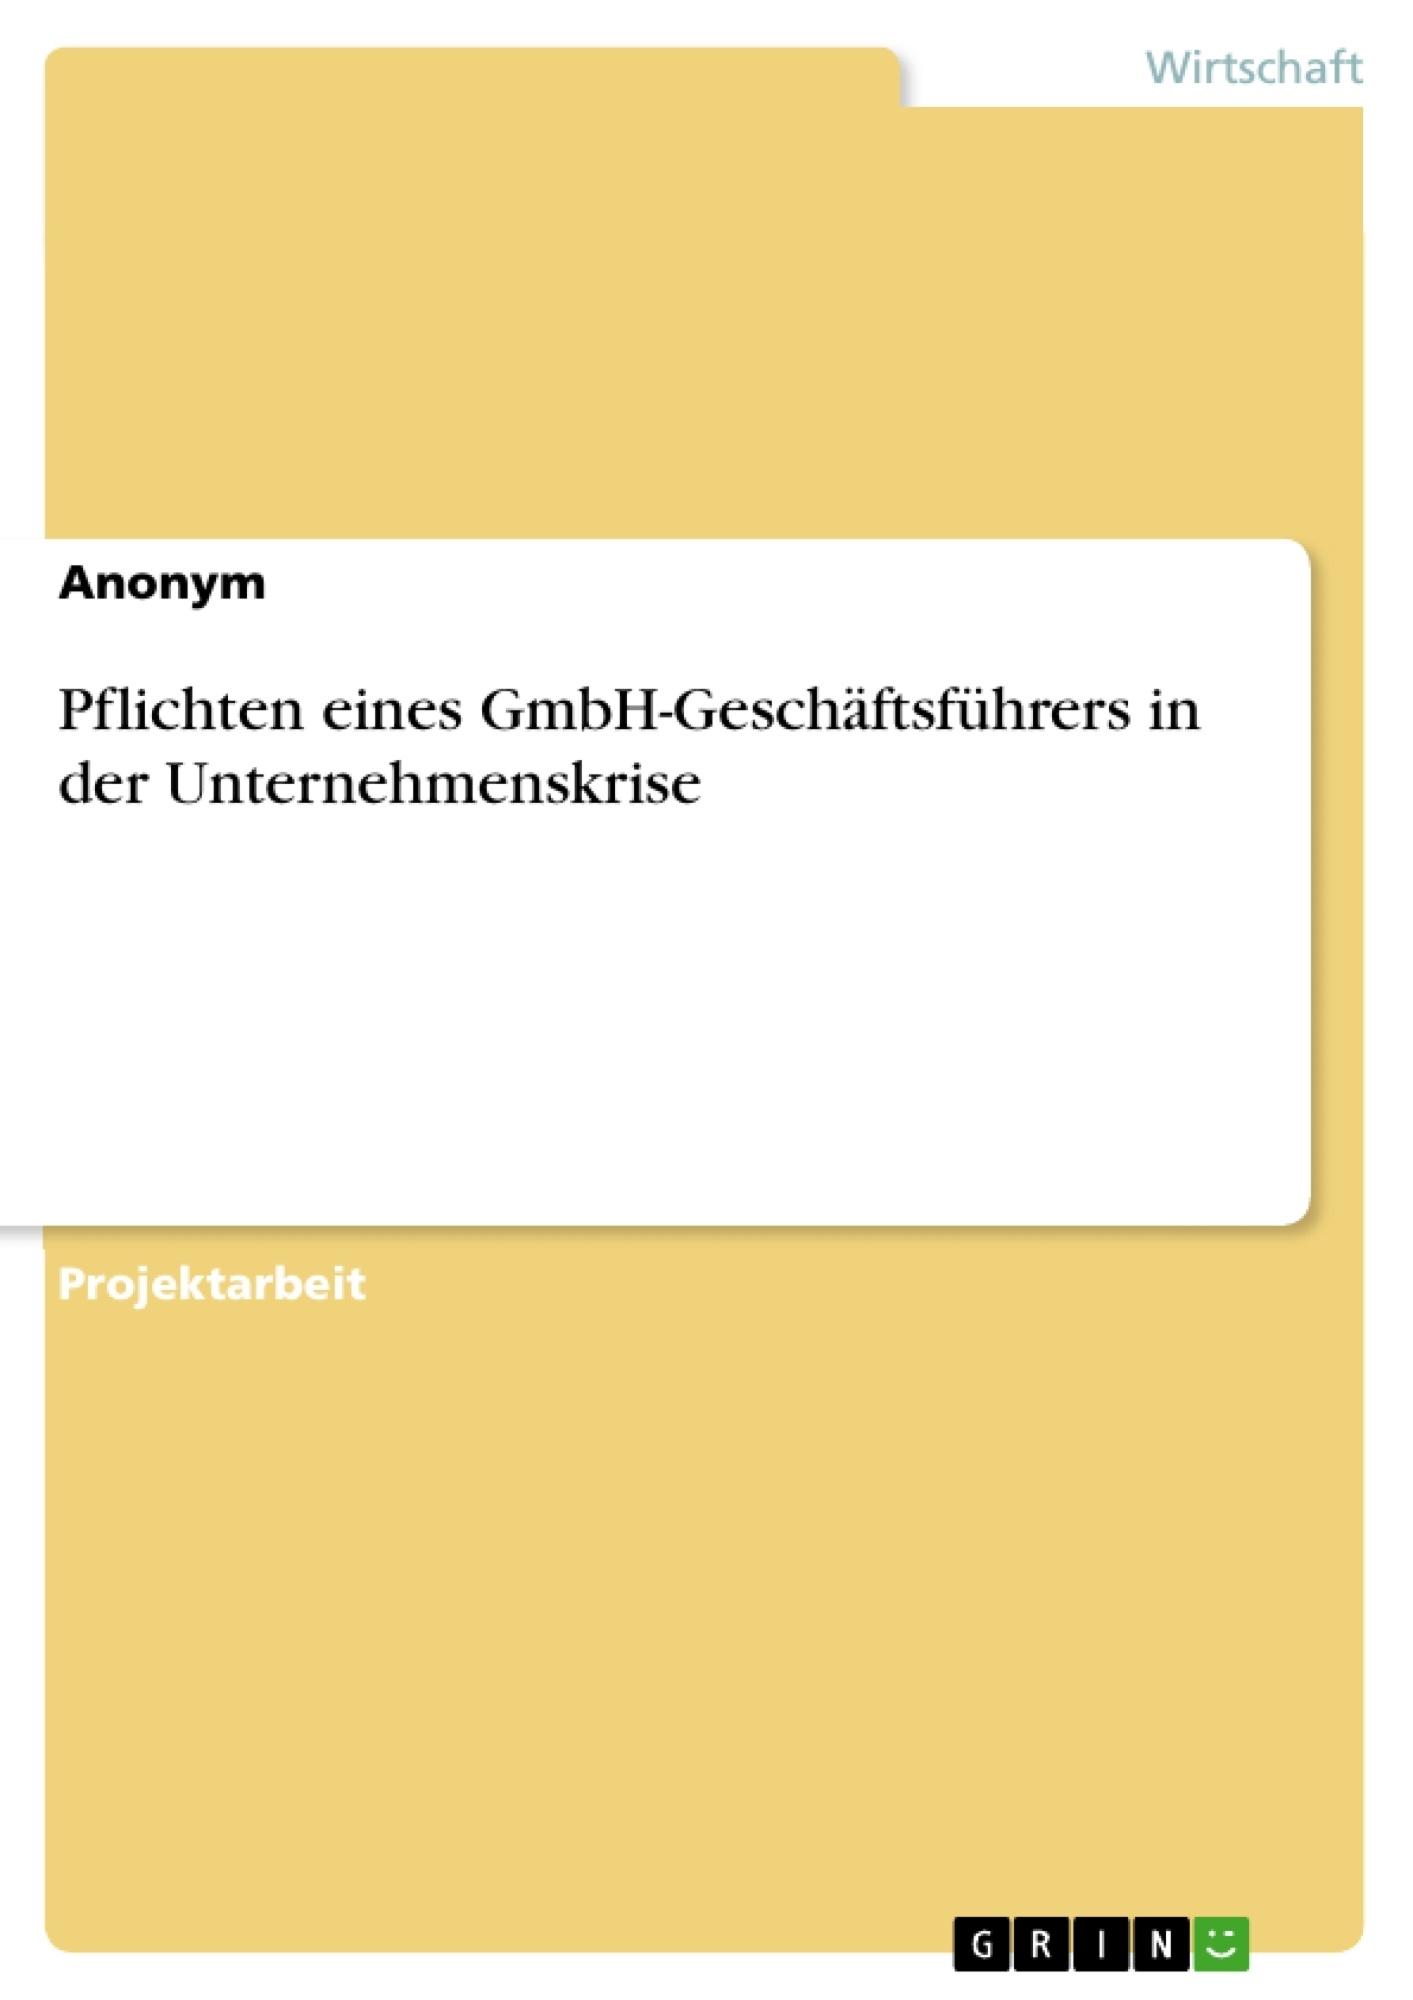 Titel: Pflichten eines GmbH-Geschäftsführers in der Unternehmenskrise